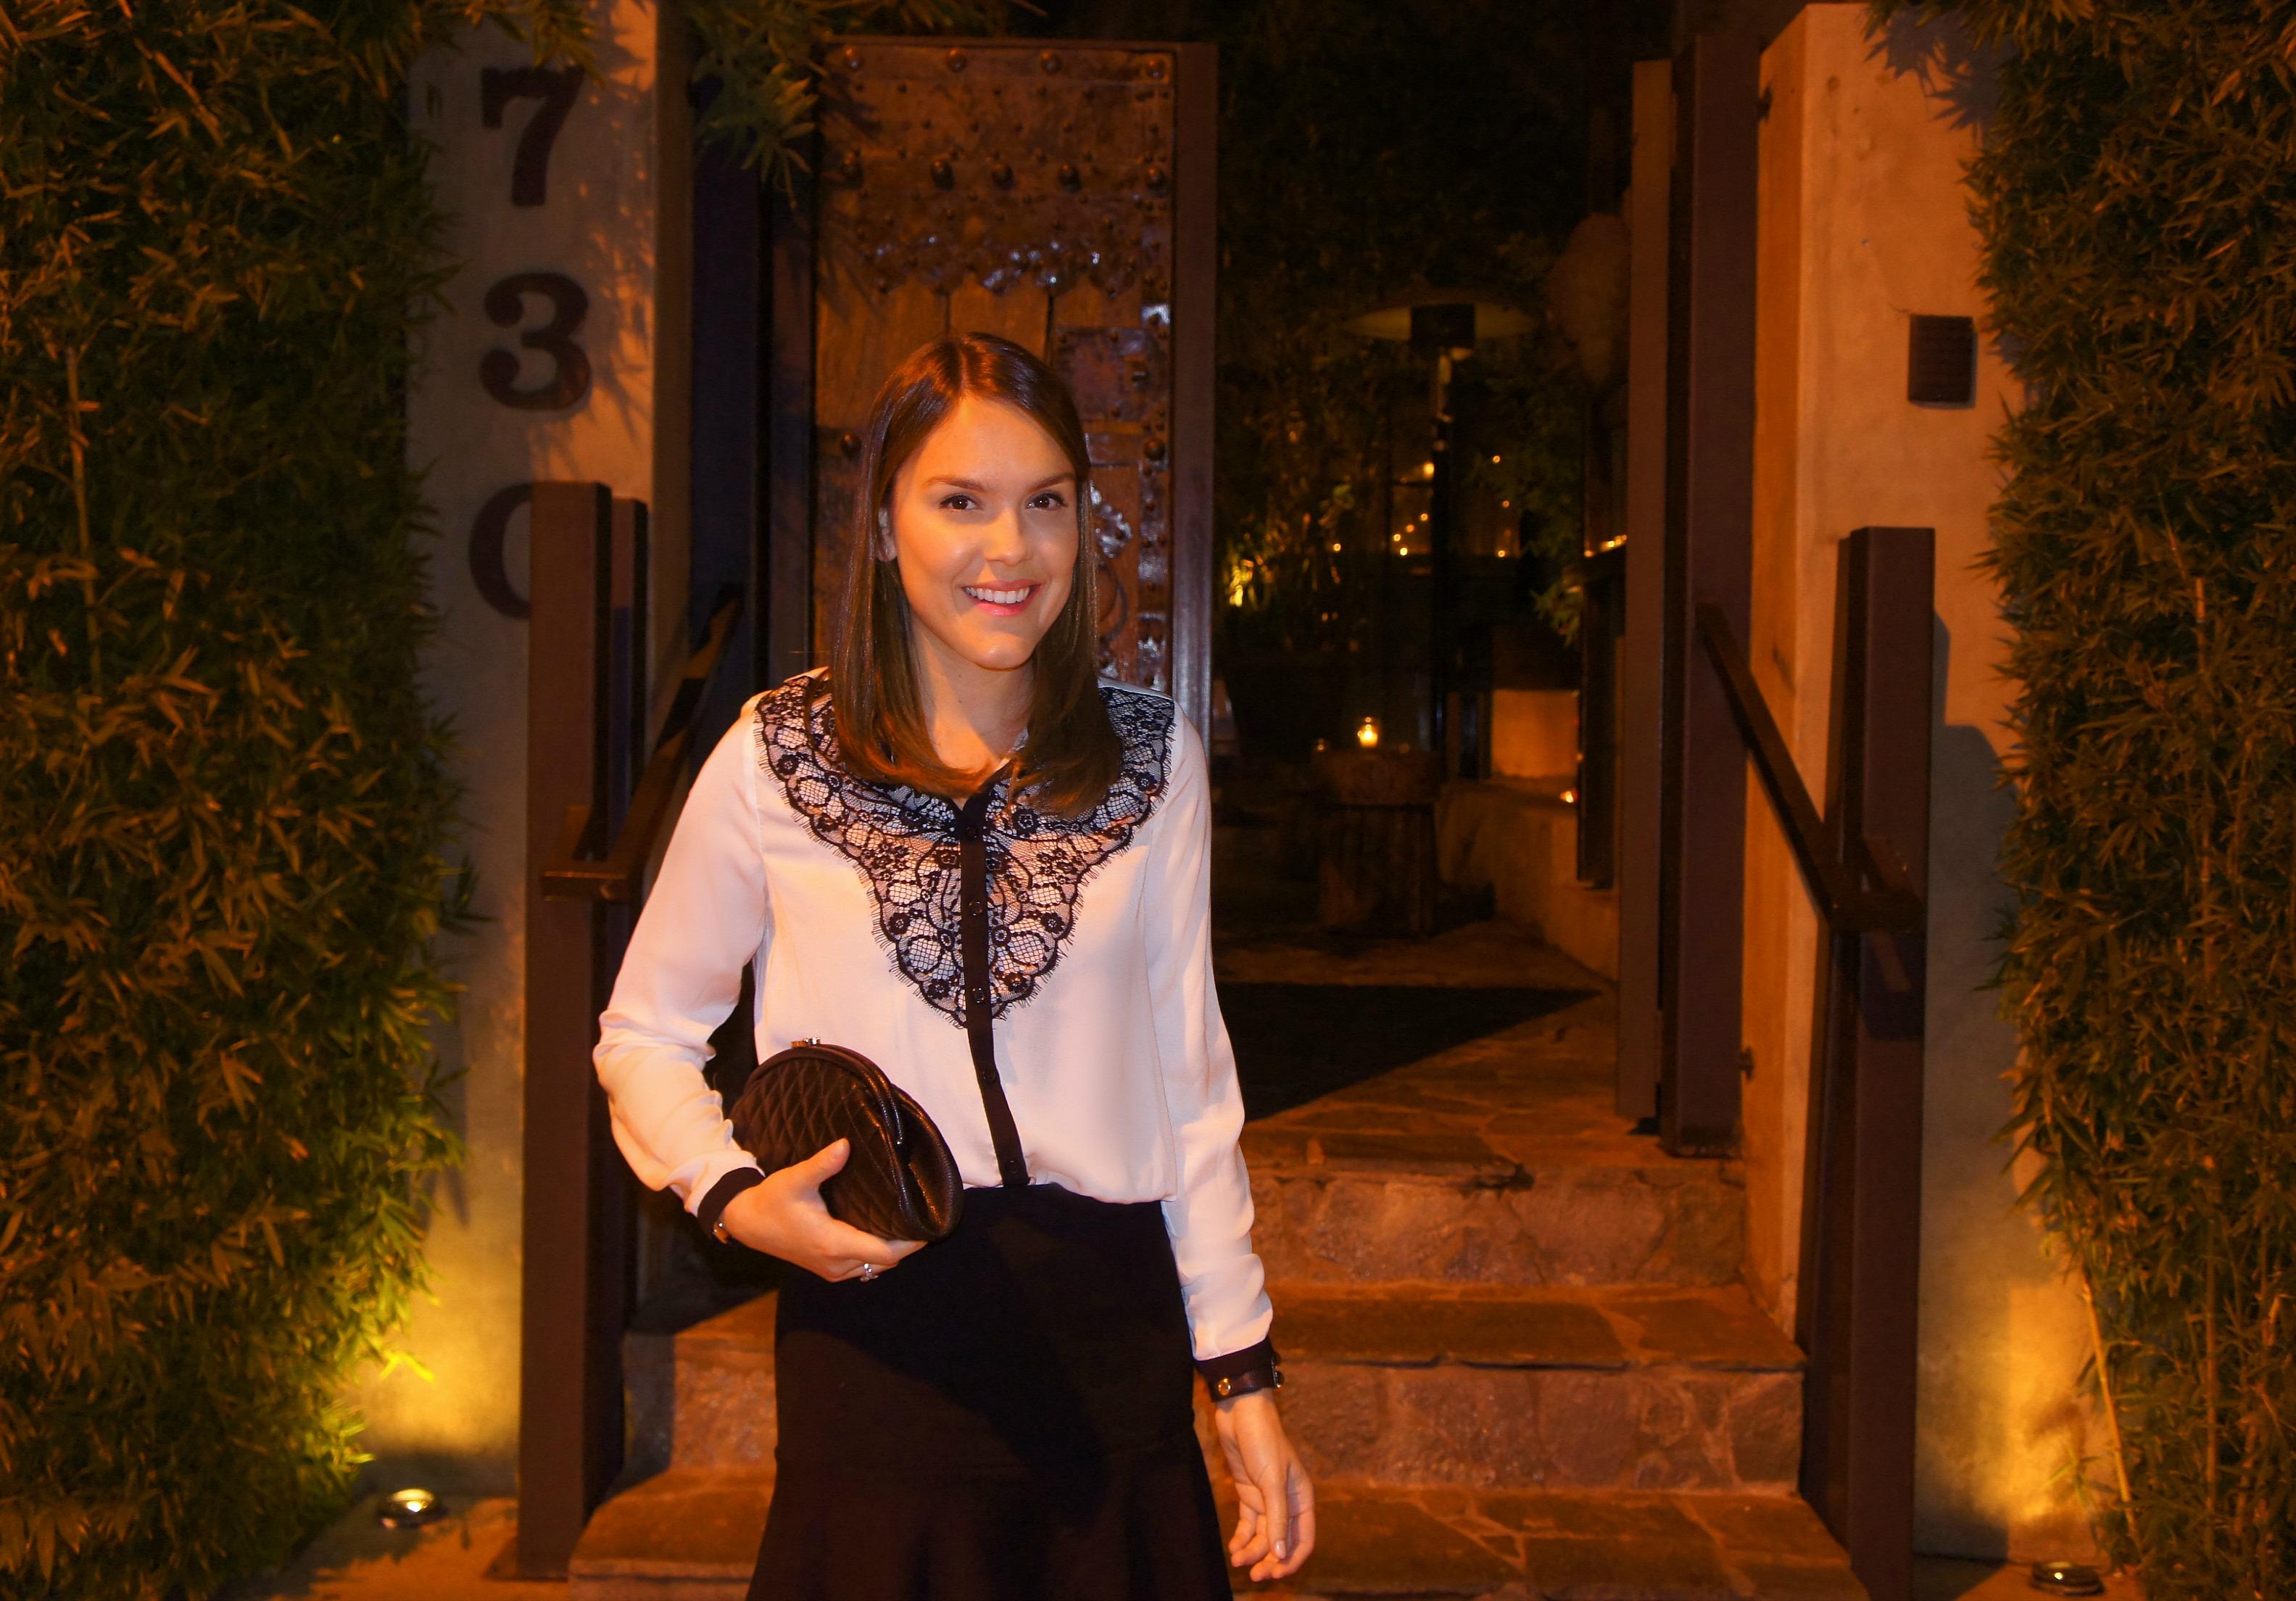 Koi-restaurant-Los-Angeles-Blog-da-Lari-Duarte-.com-japonese-onde-jantar-dicas-de-restaurantes-California-Rooftop-Thompson-Hotel